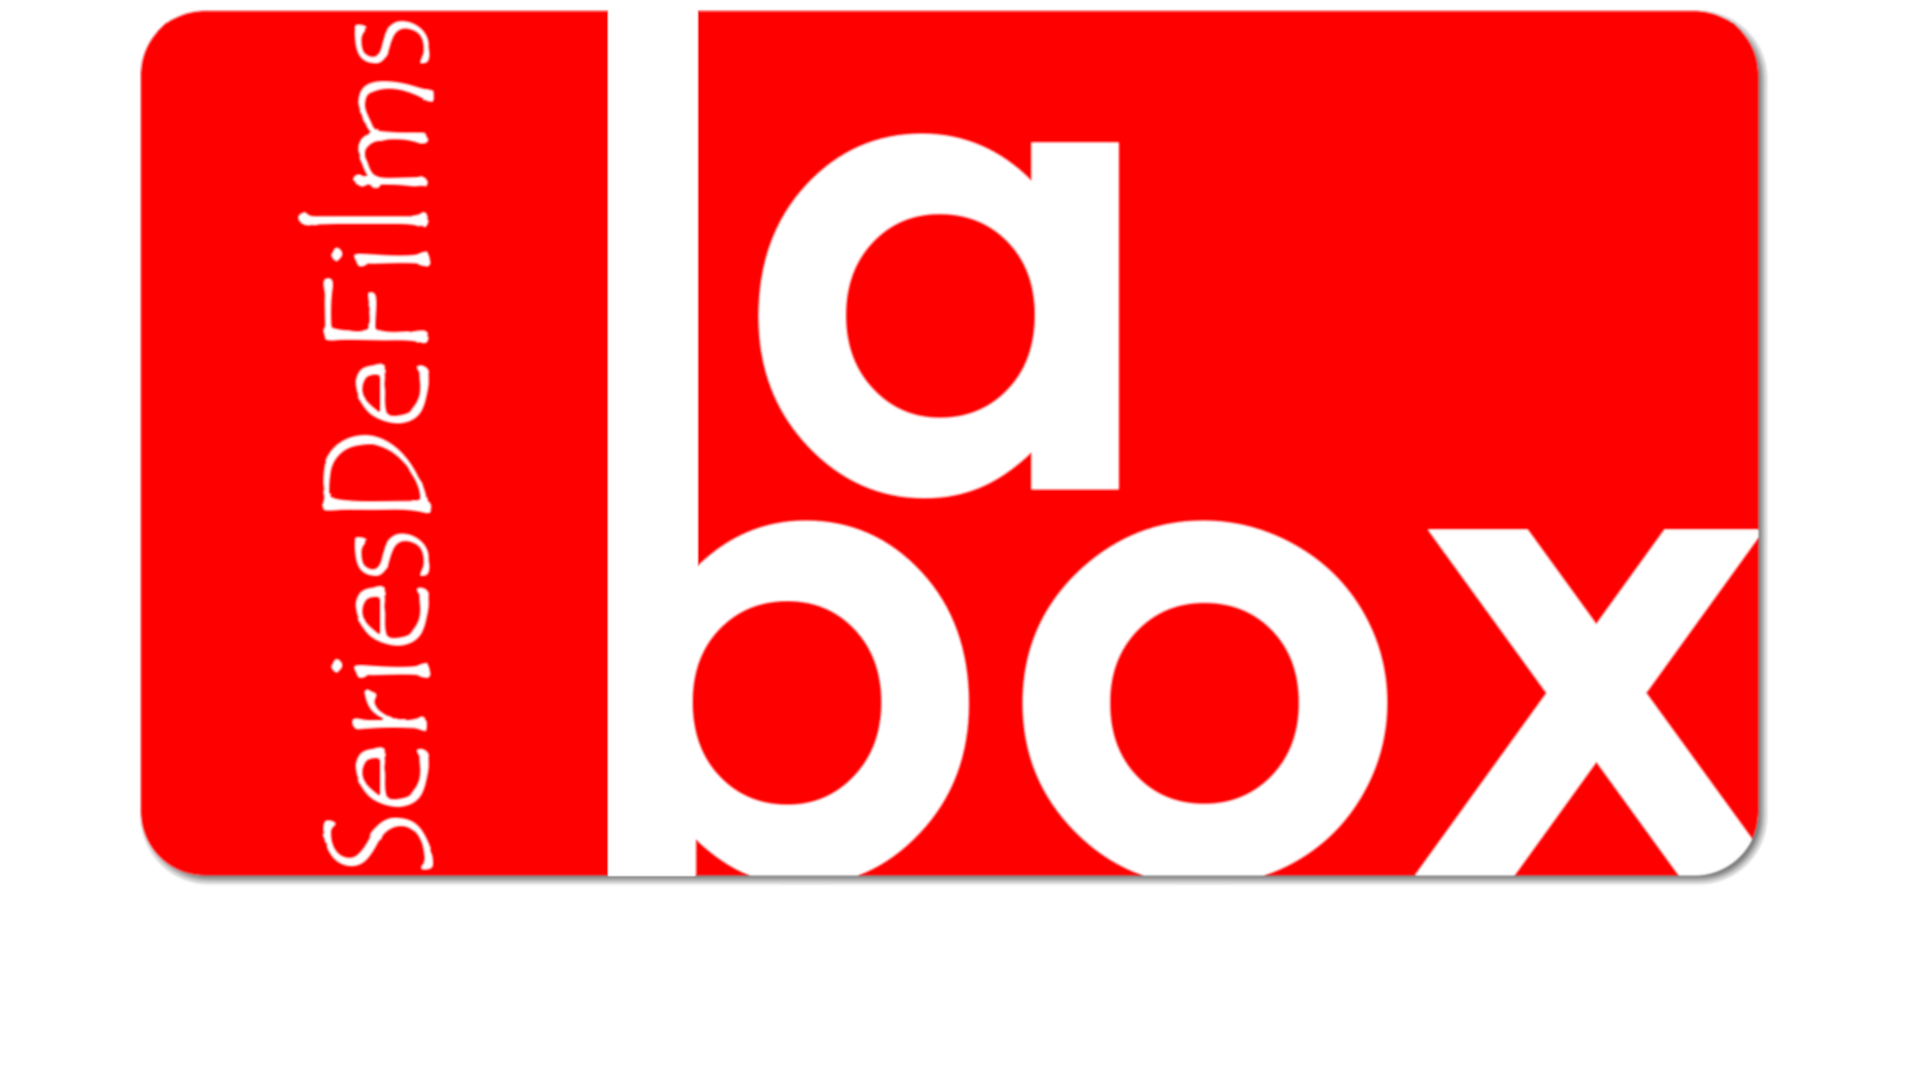 La Box 100% films 100% séries 4 à 5 produits dérivés sur un thème que vous choisissez !